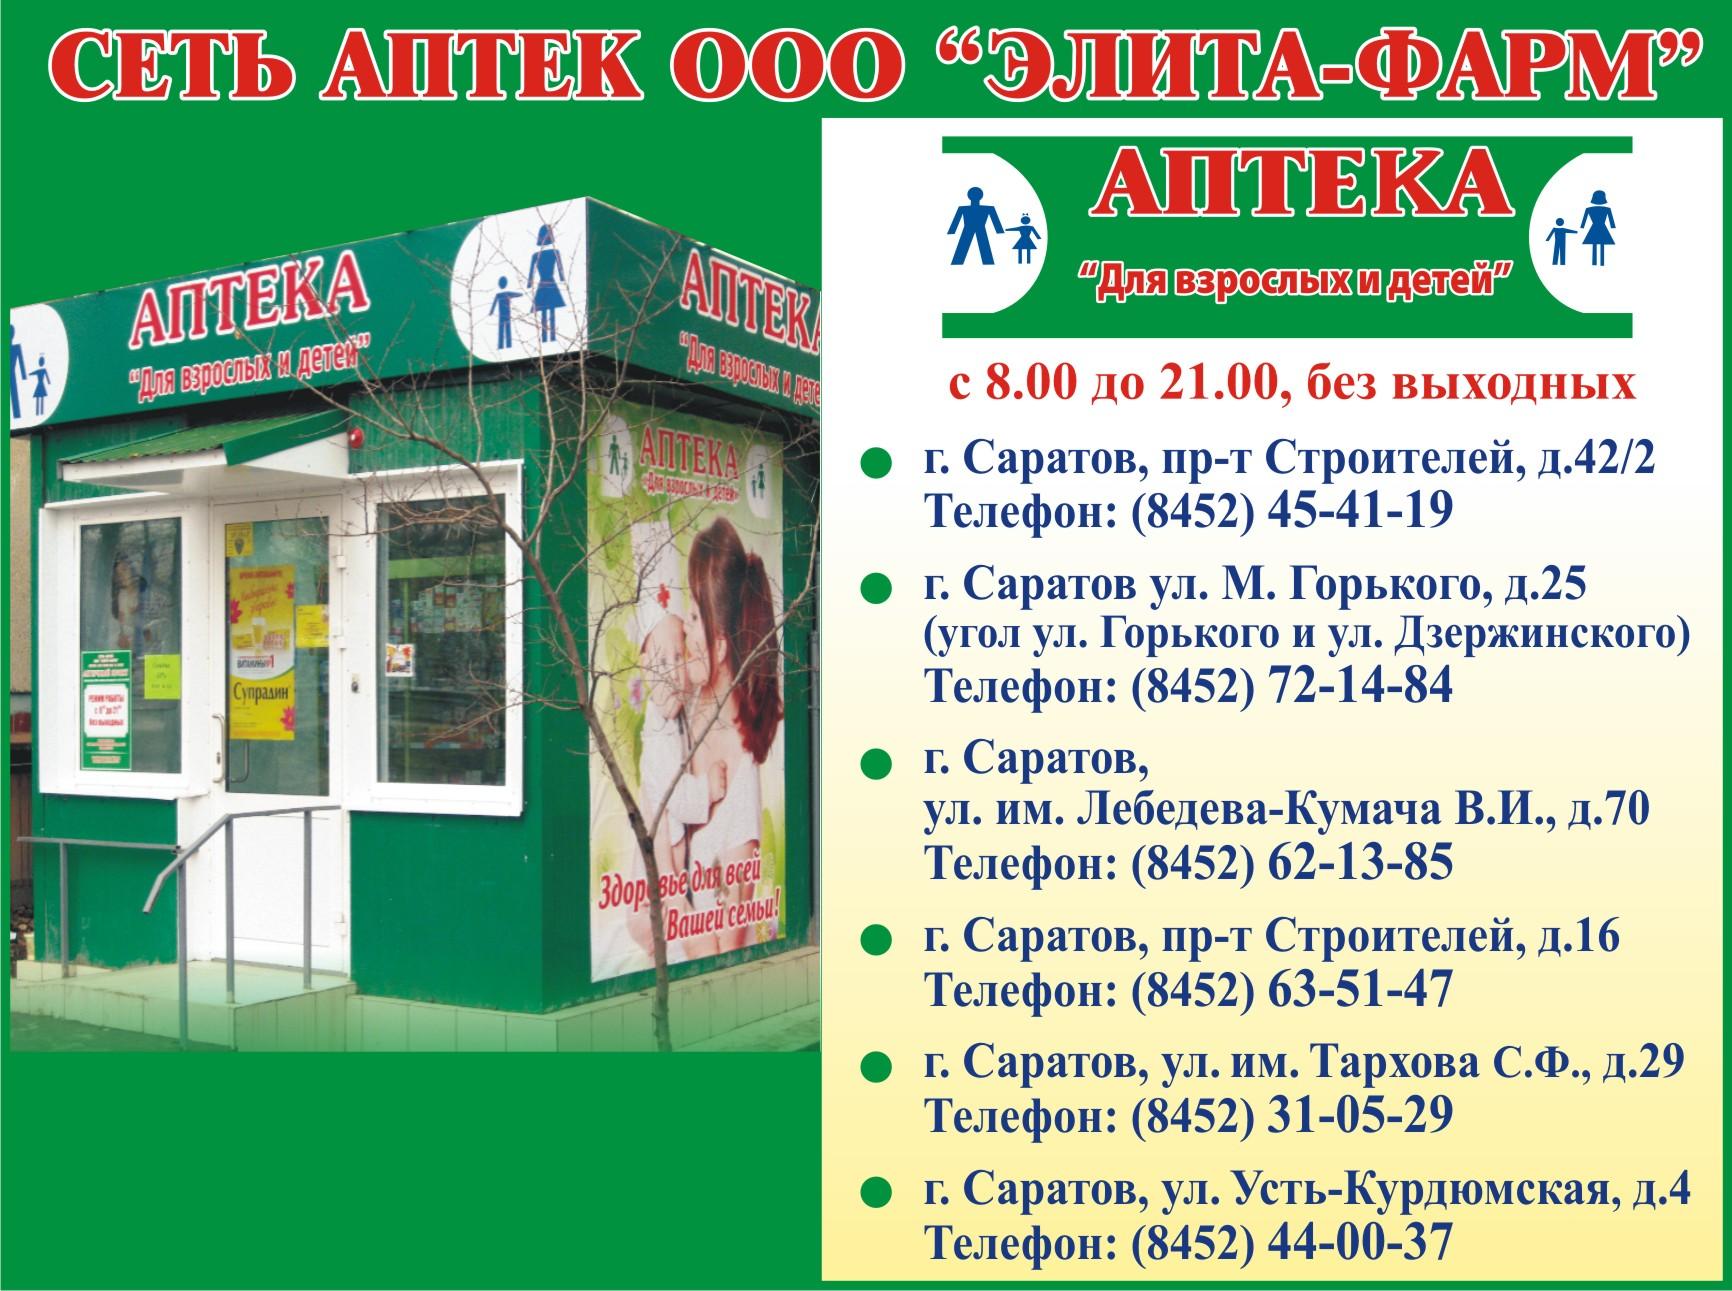 аптека все для здоровья саратов телефон